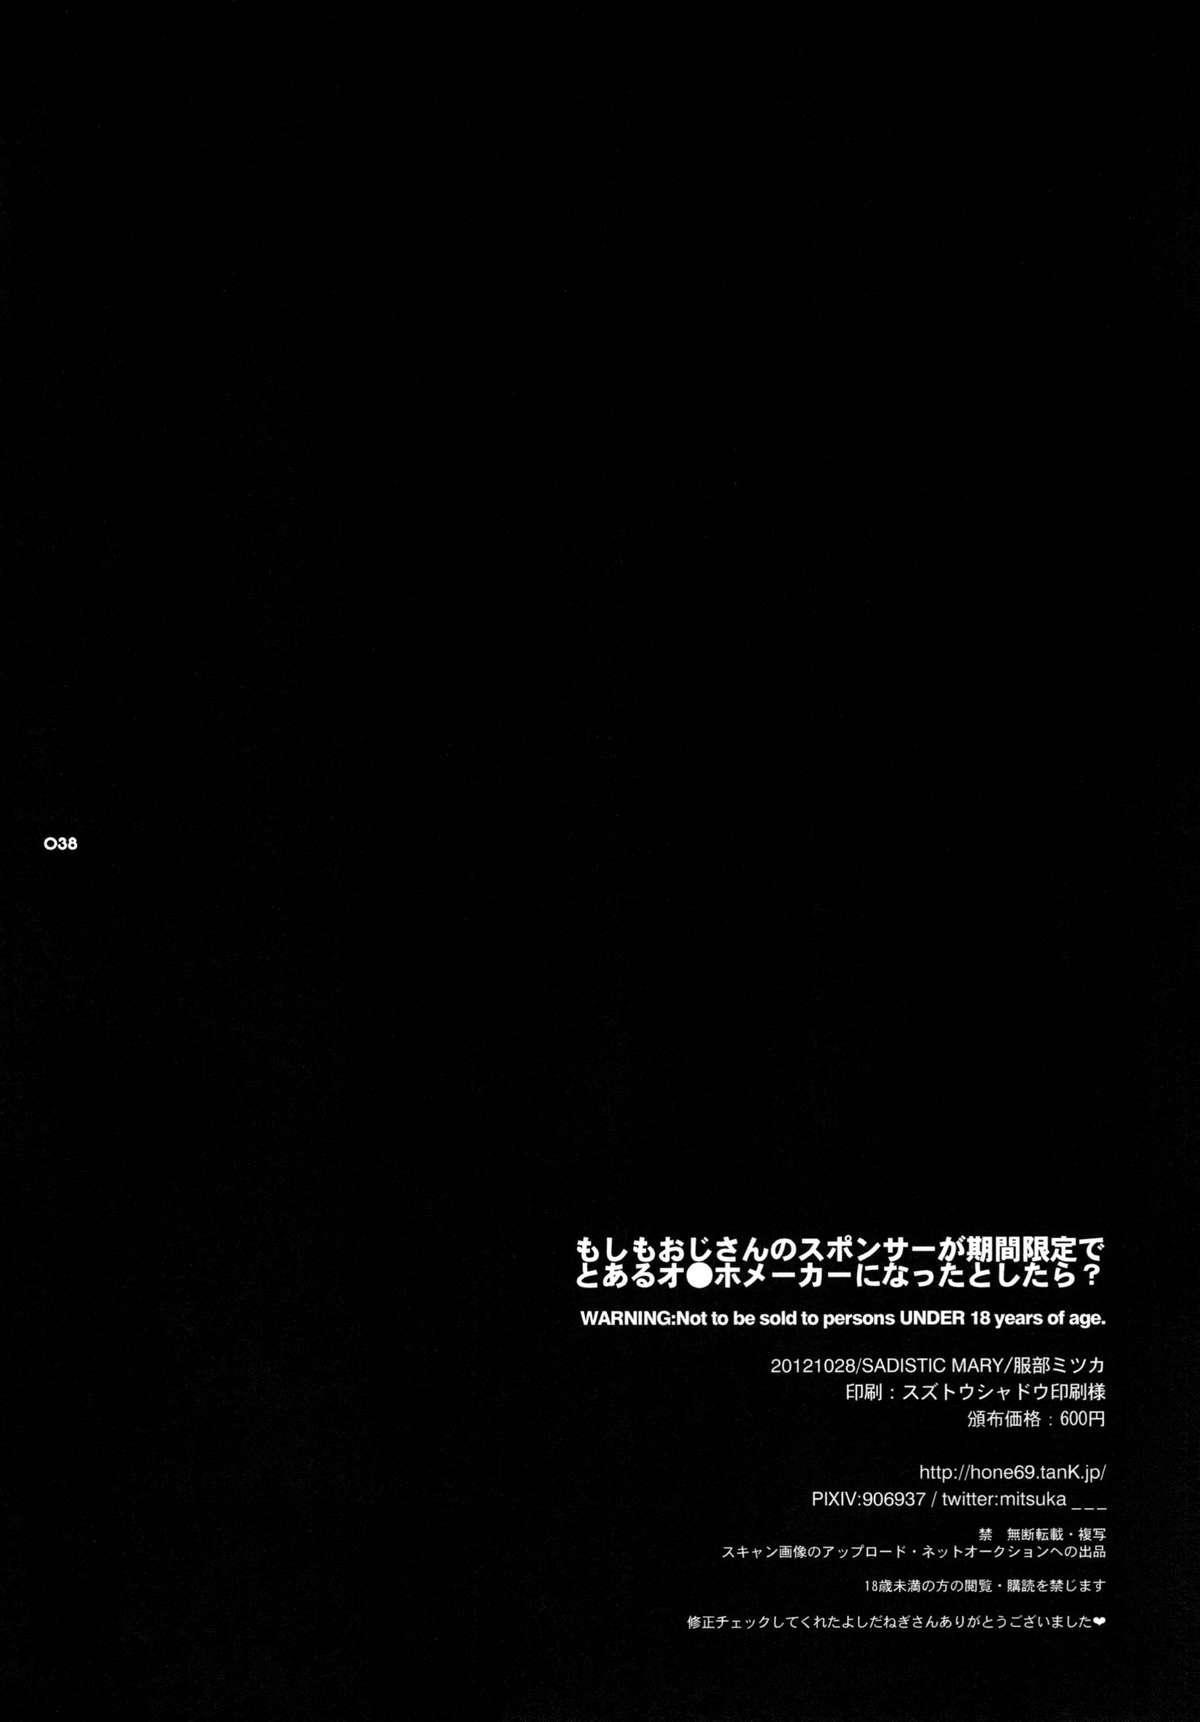 (GONEXT! 4) [Sadistic Mary (Hattori Mitsuka)] Moshimo Oji-san no Sponsor ga Kikan Gentei de Toaru Onahole Maker ni Natta to   What if the Oji-san's sponsor is an onahole maker for a certain time (TIGER & BUNNY) [English] [desudesu] 36